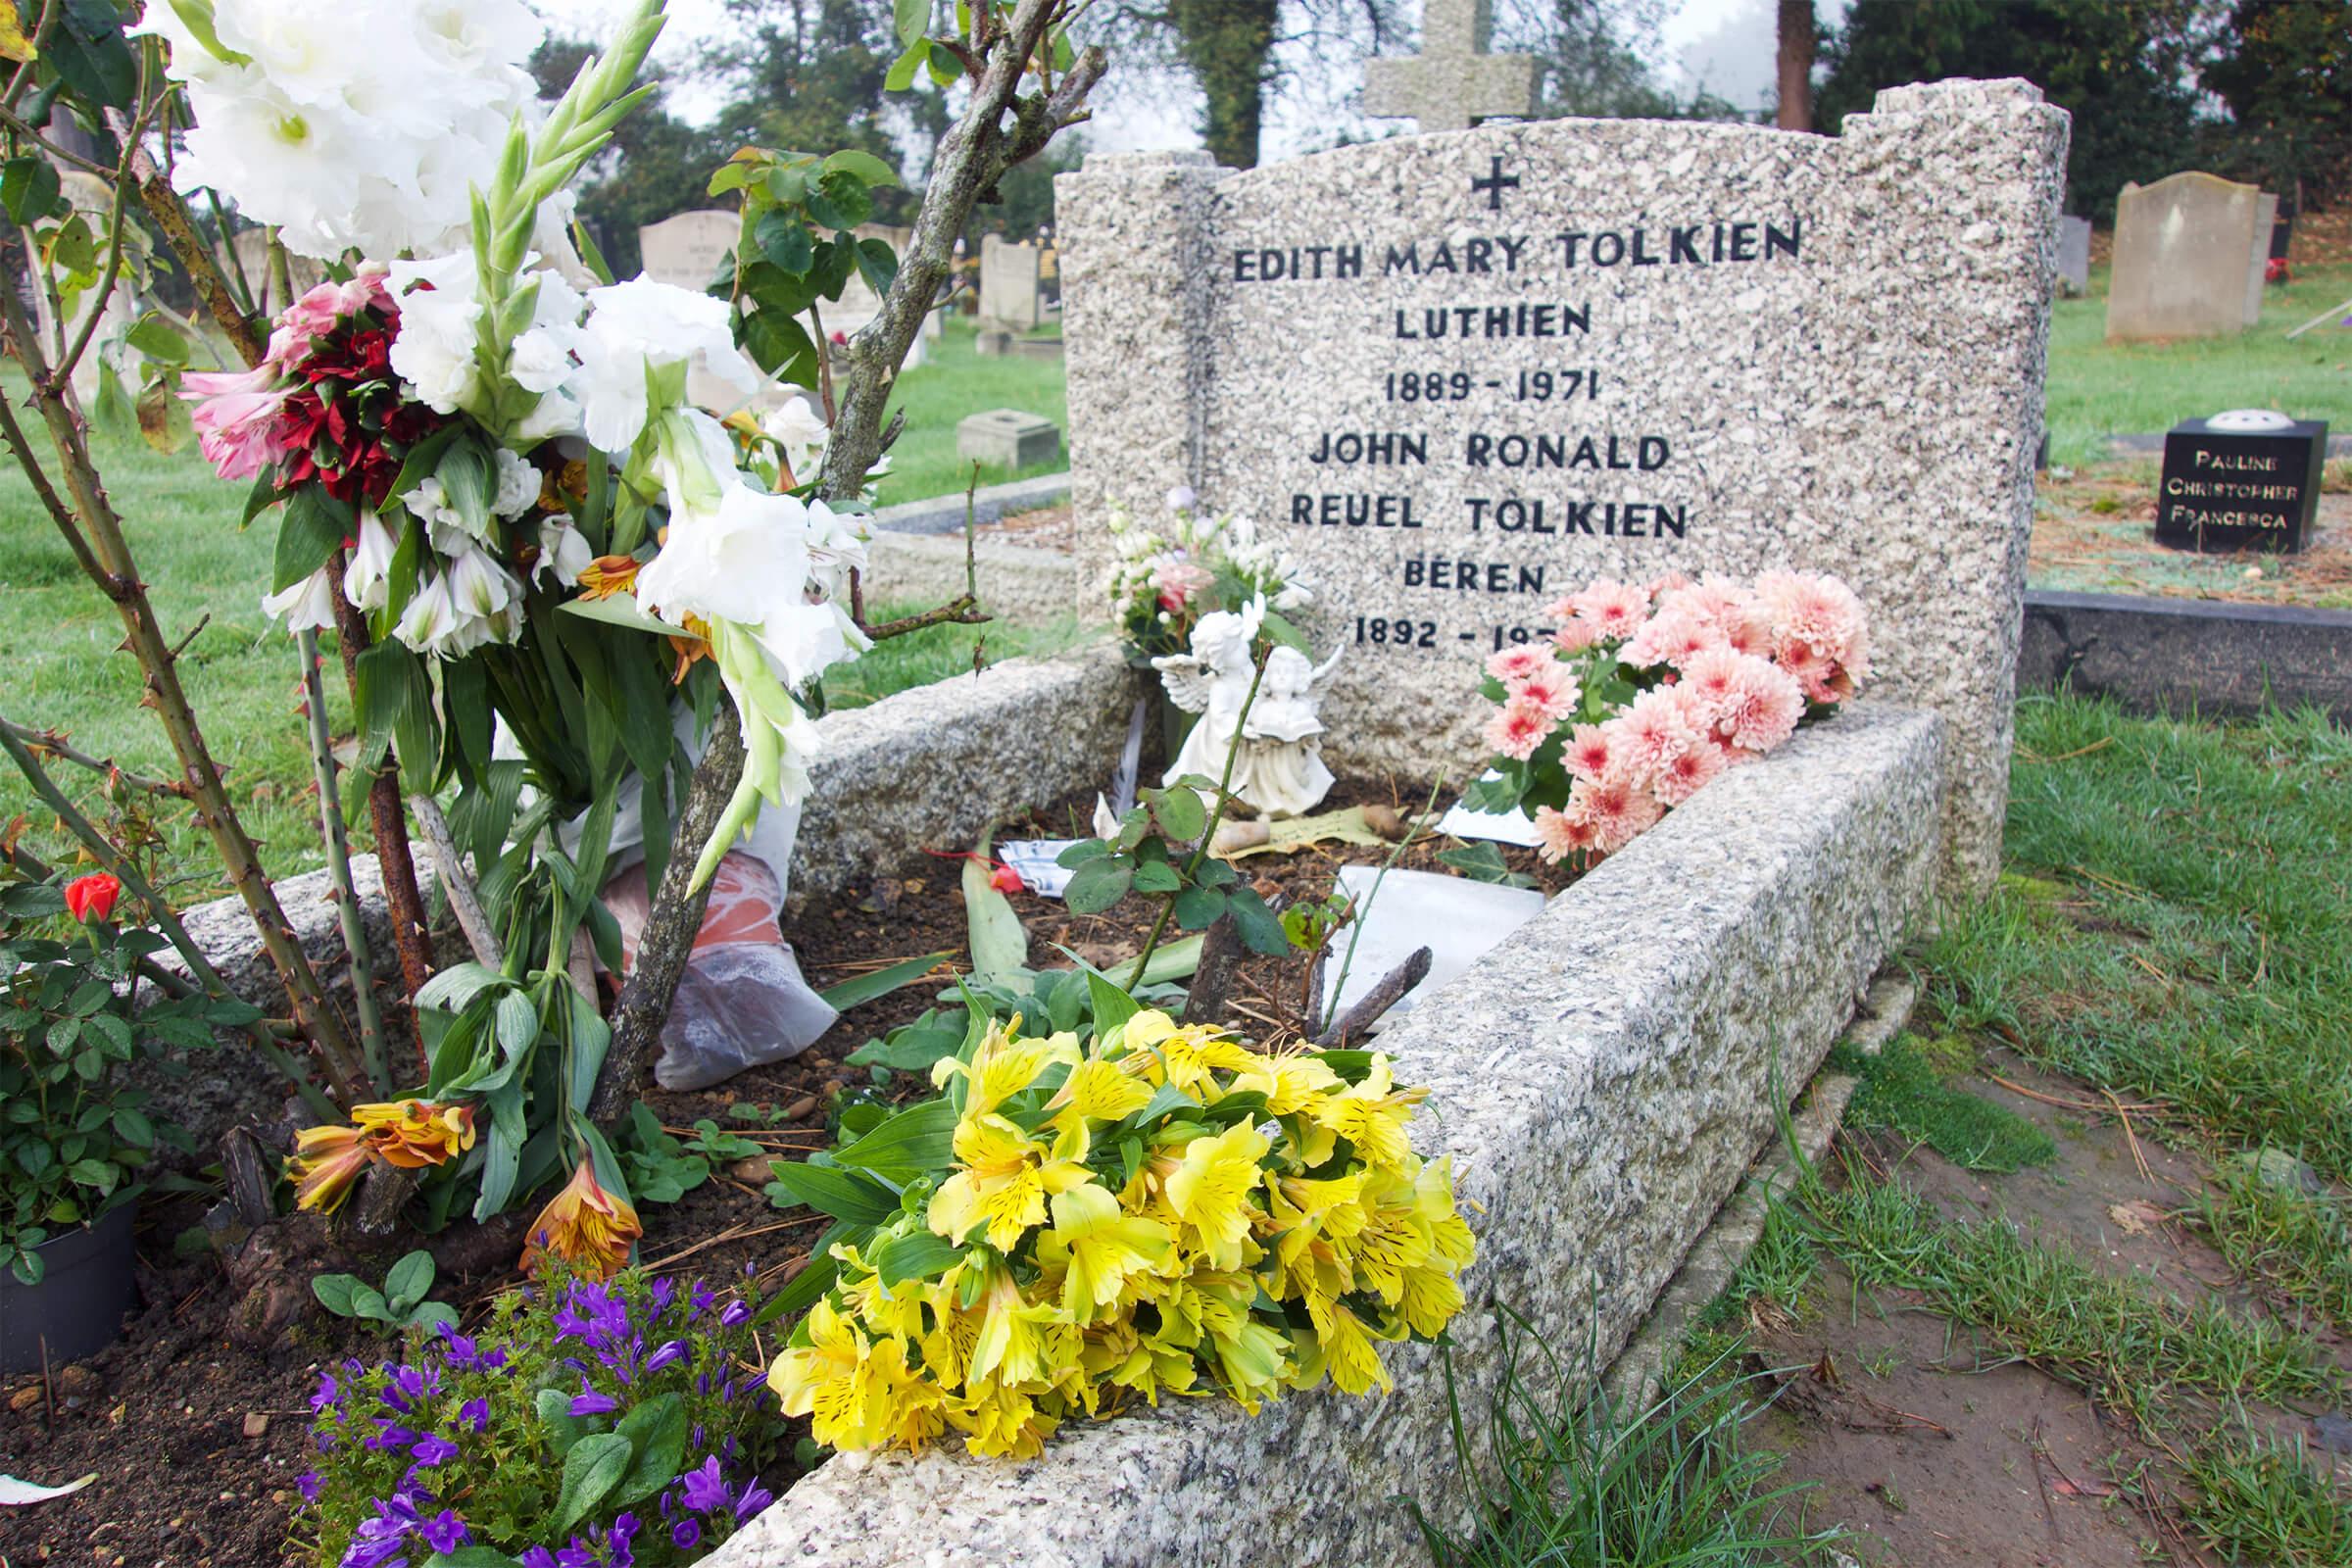 写真:トールキン教授とエディスさんが眠るお墓